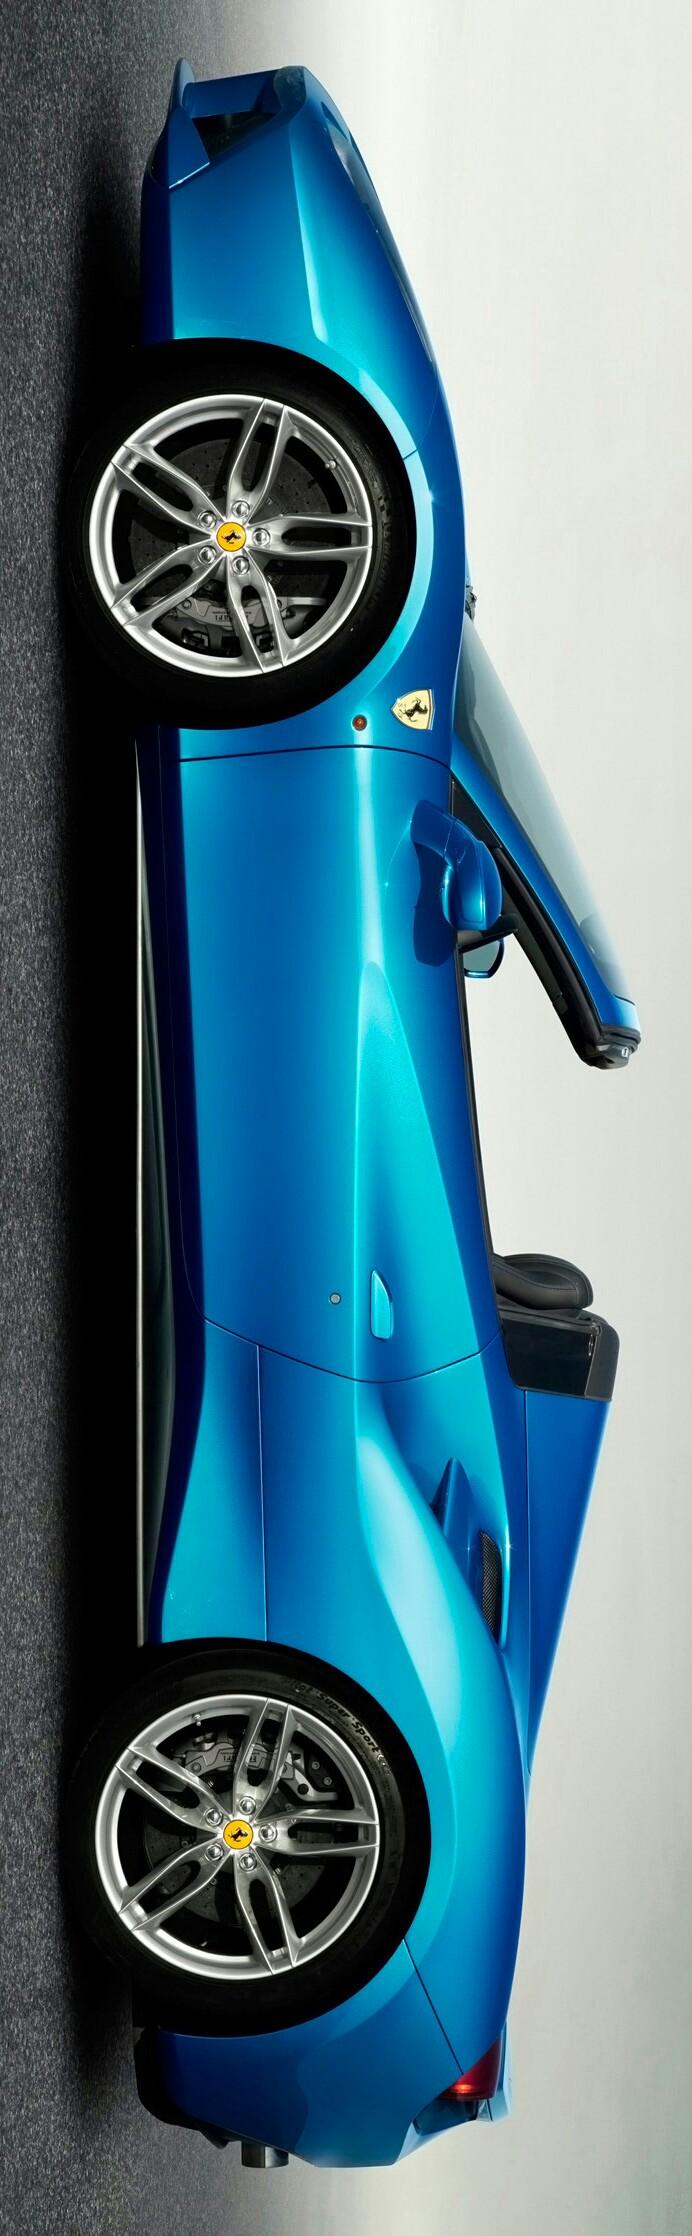 Ferrari 488 Spider by Levon